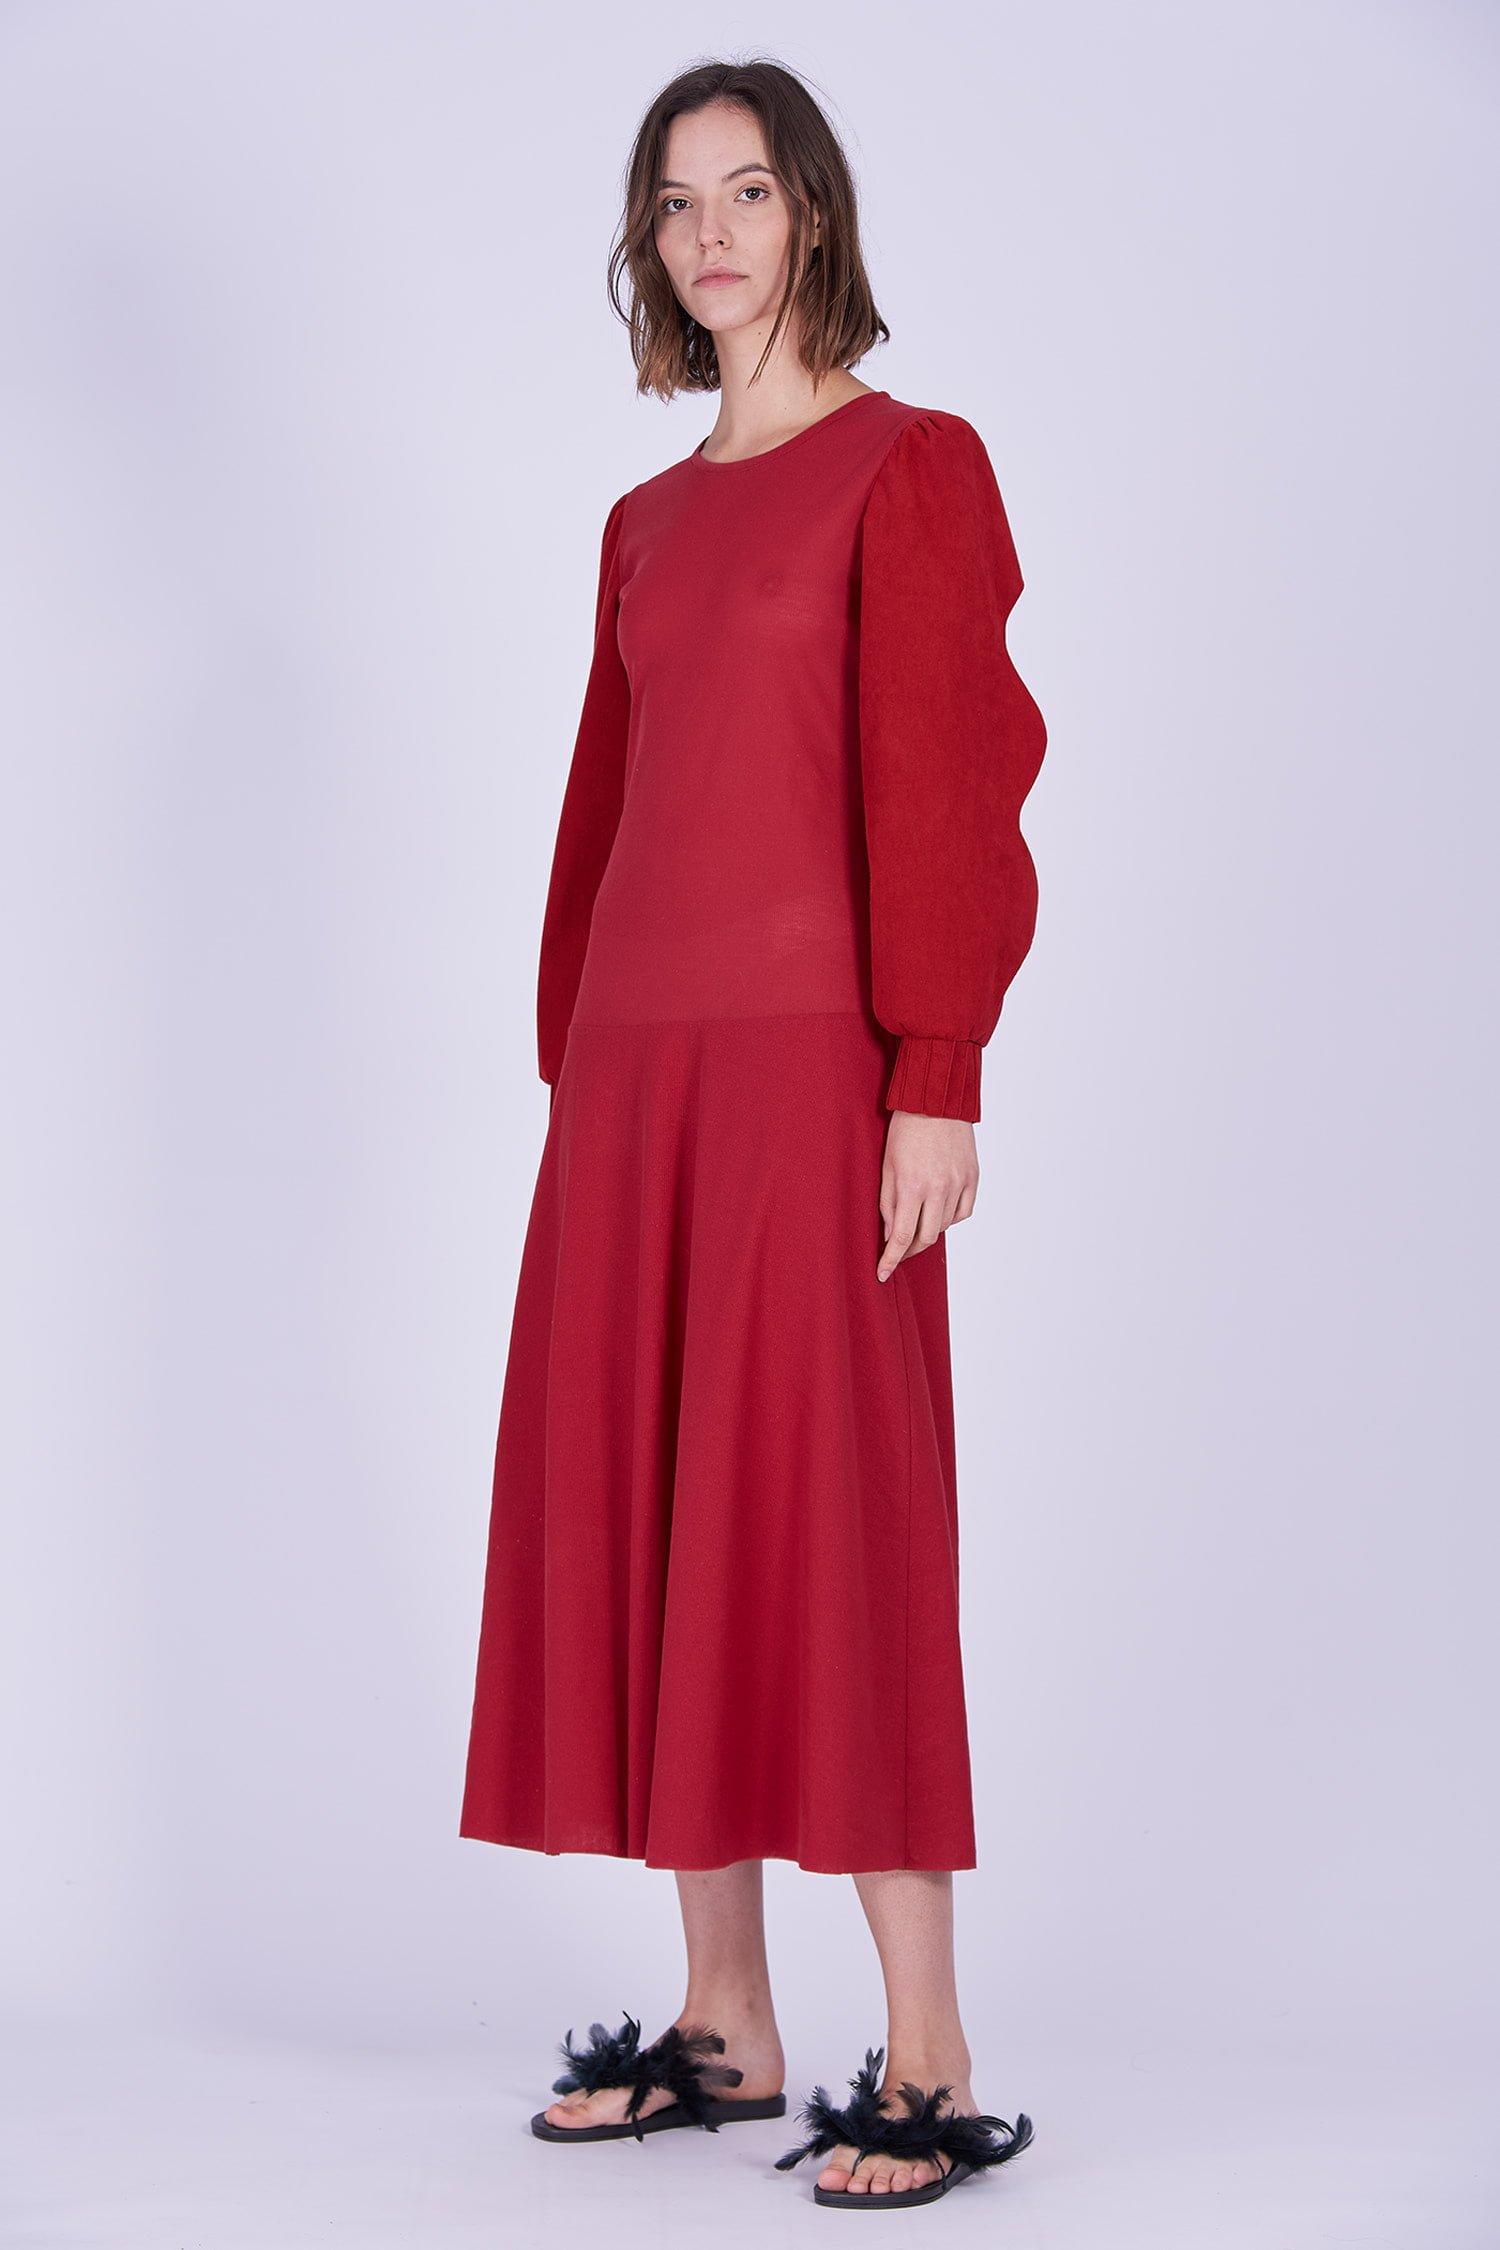 Acephala Ps2020 Red Maxi Evening Dress Czerwona Suknia Wieczorowa Side